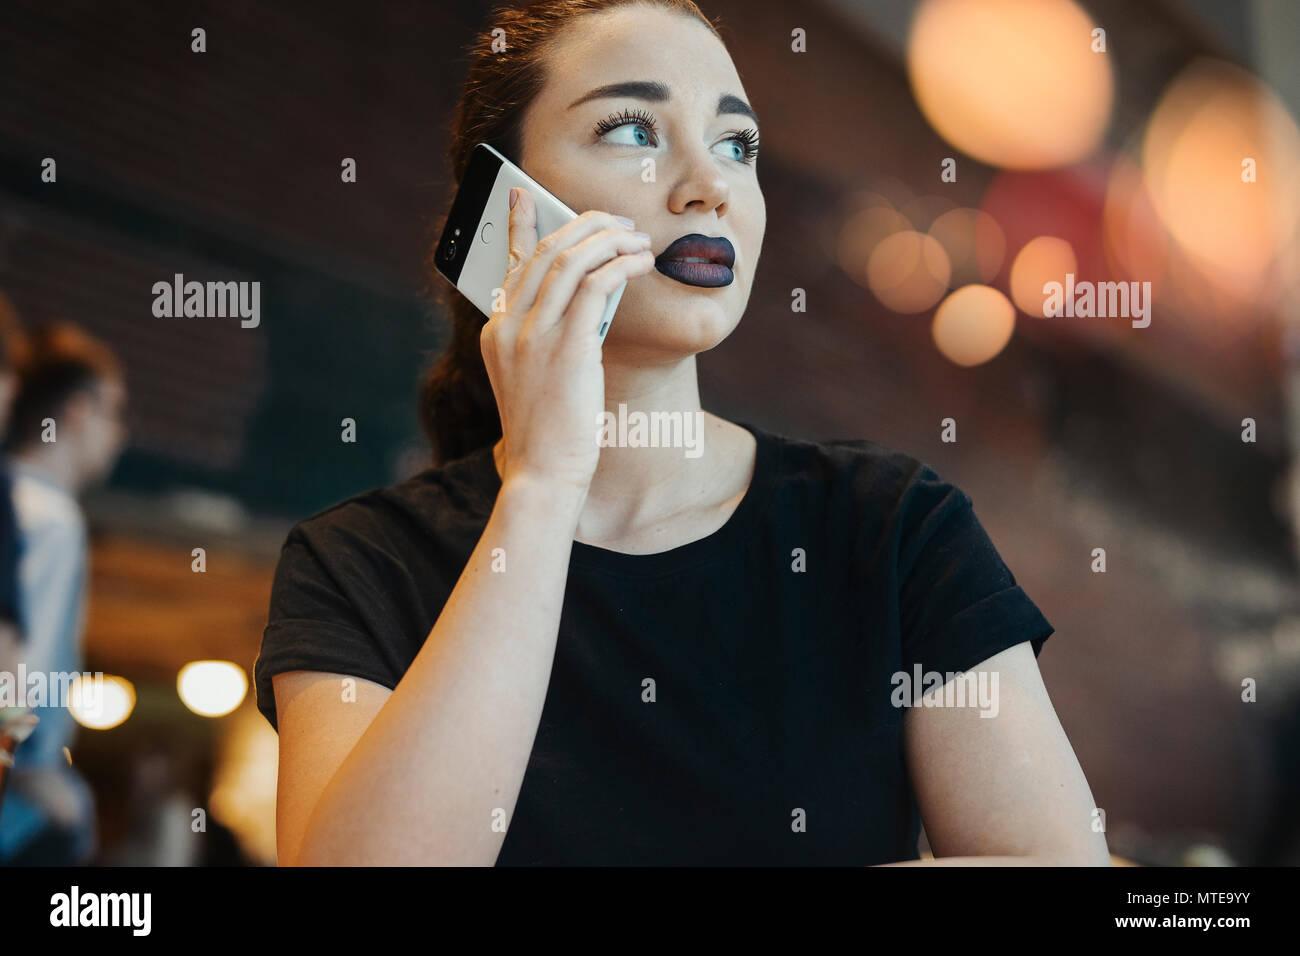 Junge brünette Mädchen mit Brille im Gespräch per Handy Stockbild